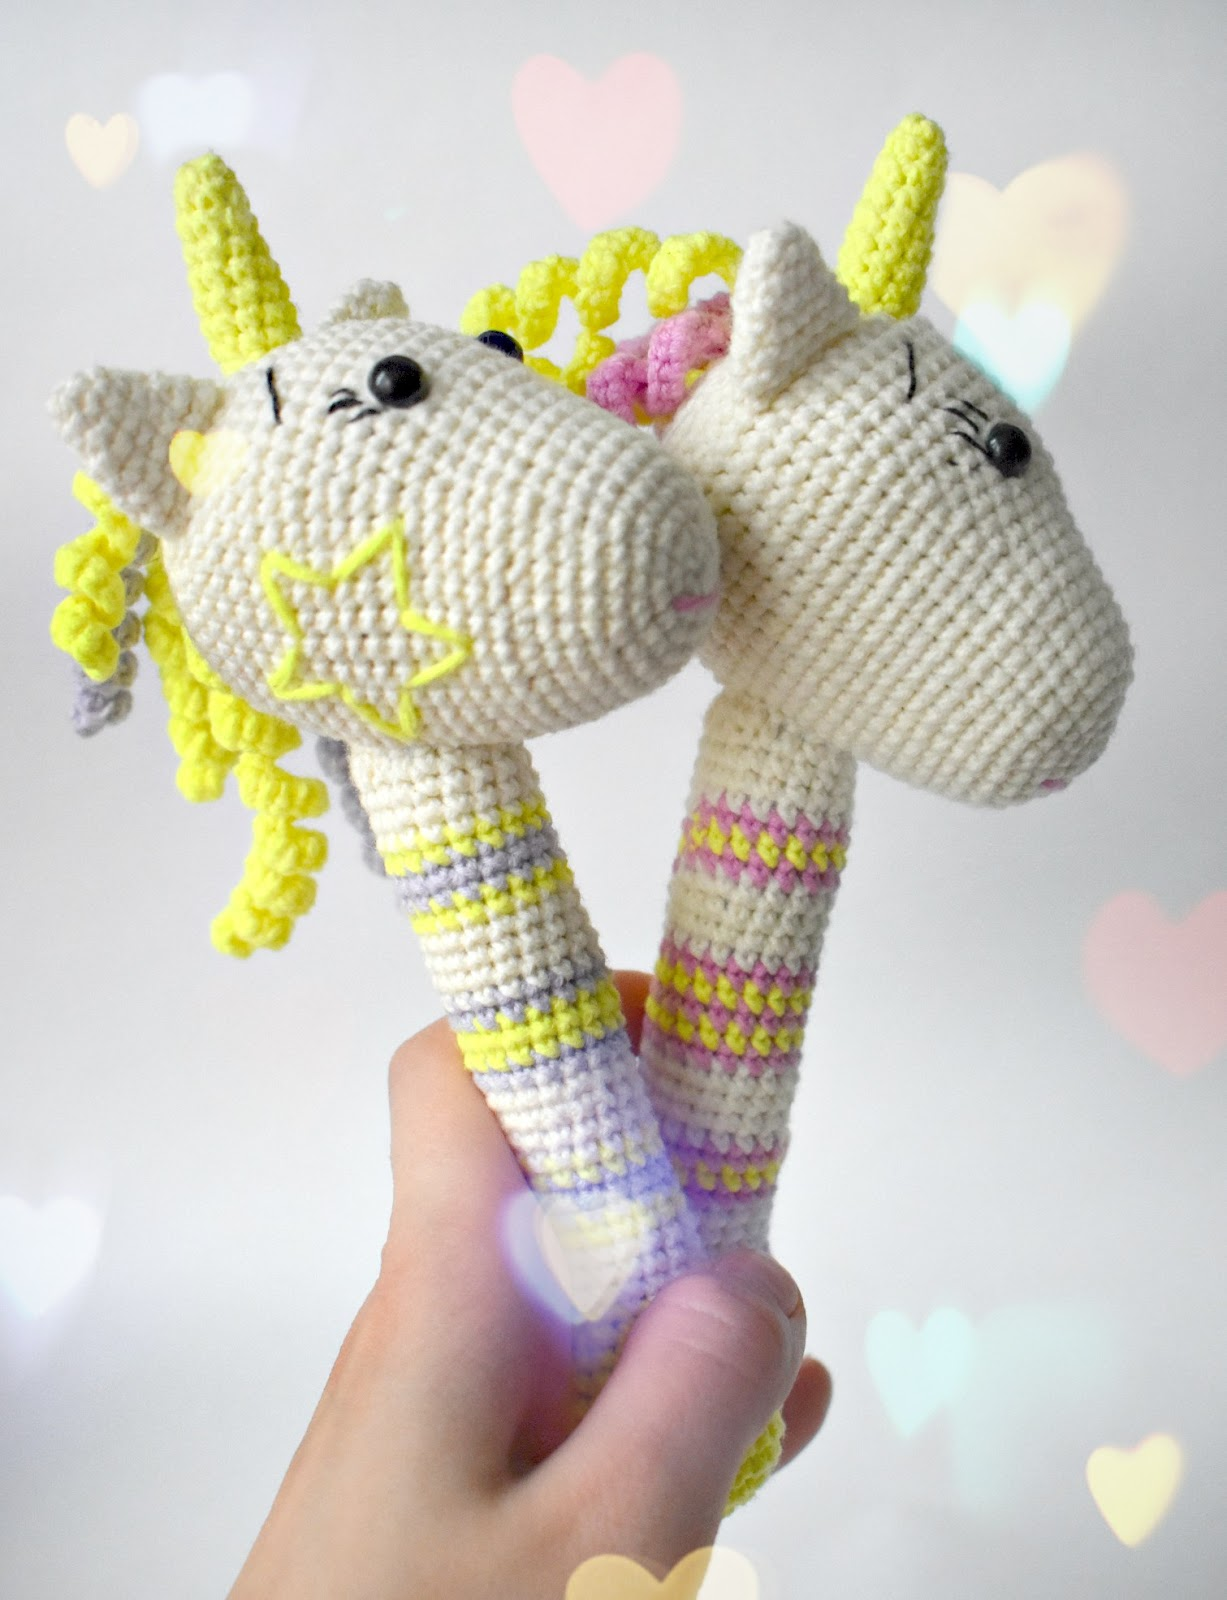 Amigurumi Rattle Pattern : Amigurumi Unicorn Rattle-Free Pattern - Amigurumi Free ...